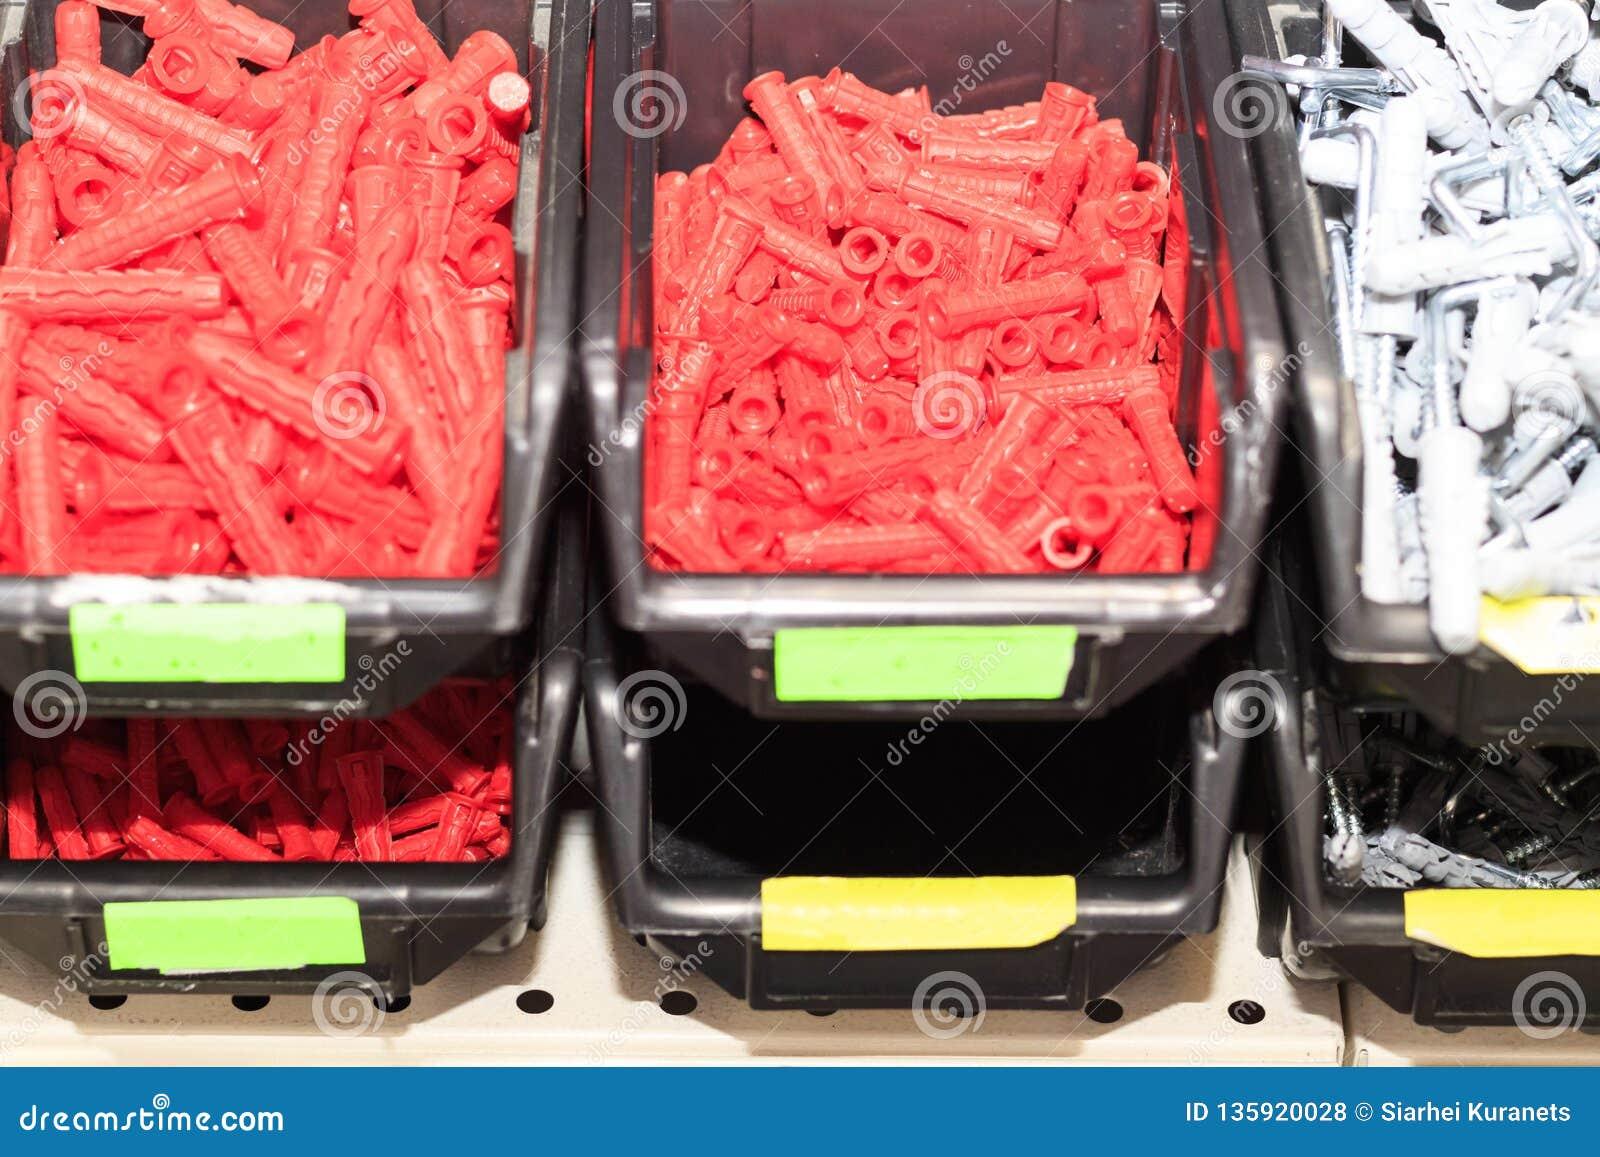 цвет винтов и шпонок красный в магазине в окне магазина, в темной коробке поле глубины отмелое